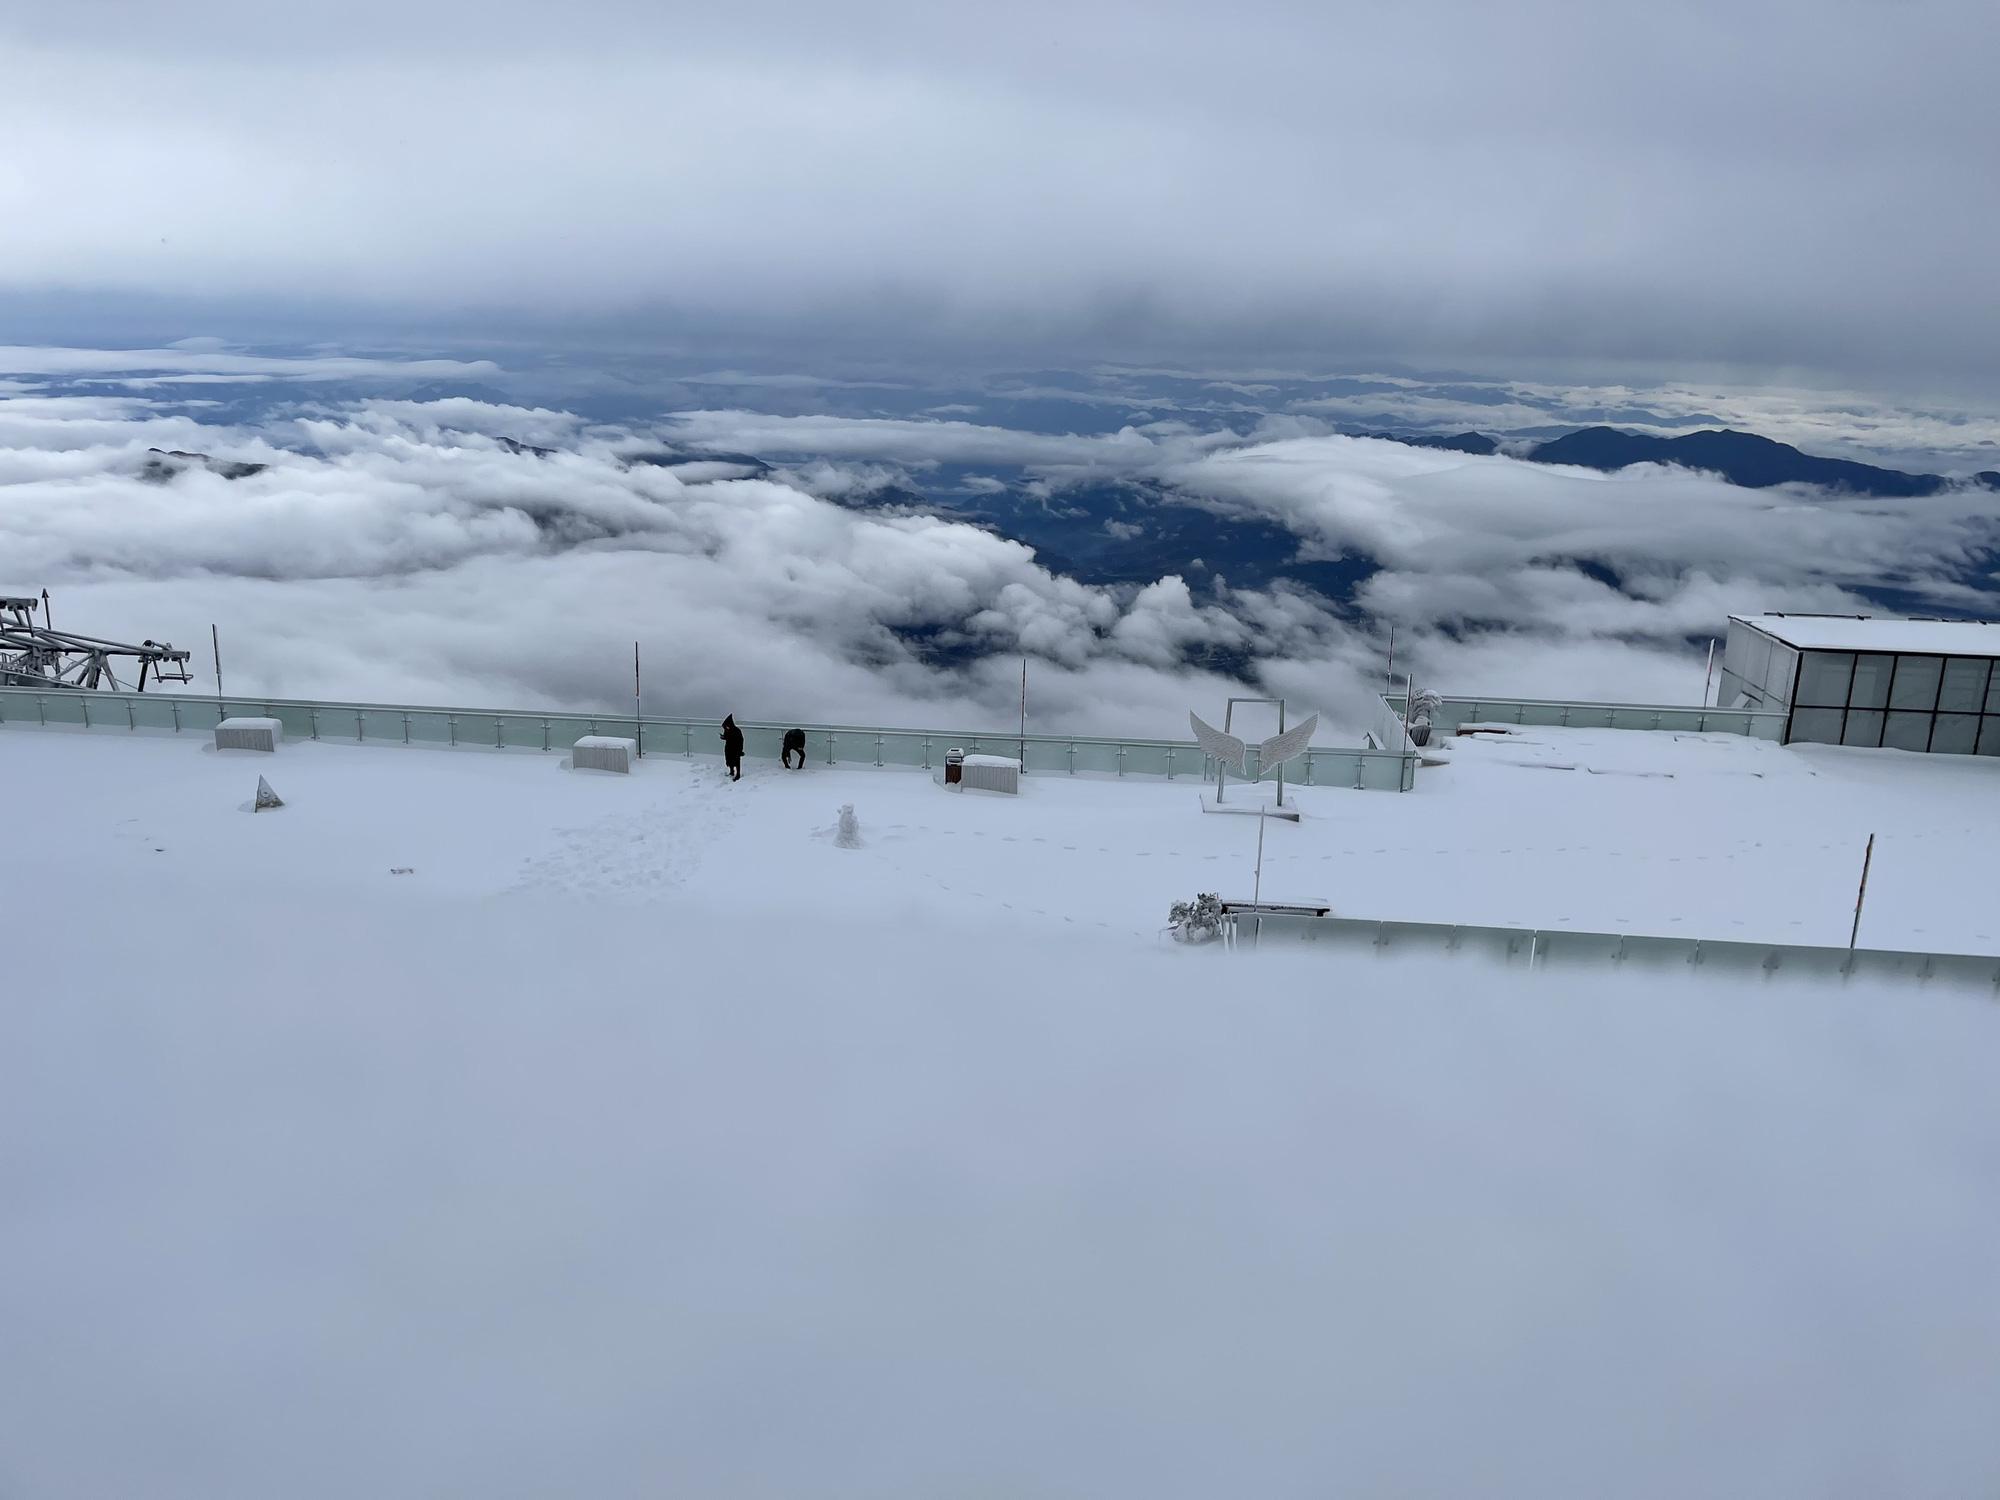 Cảnh đẹp mê ly trên đỉnh Fansipan trong ngày tuyết rơi dày chưa từng có - Ảnh 2.